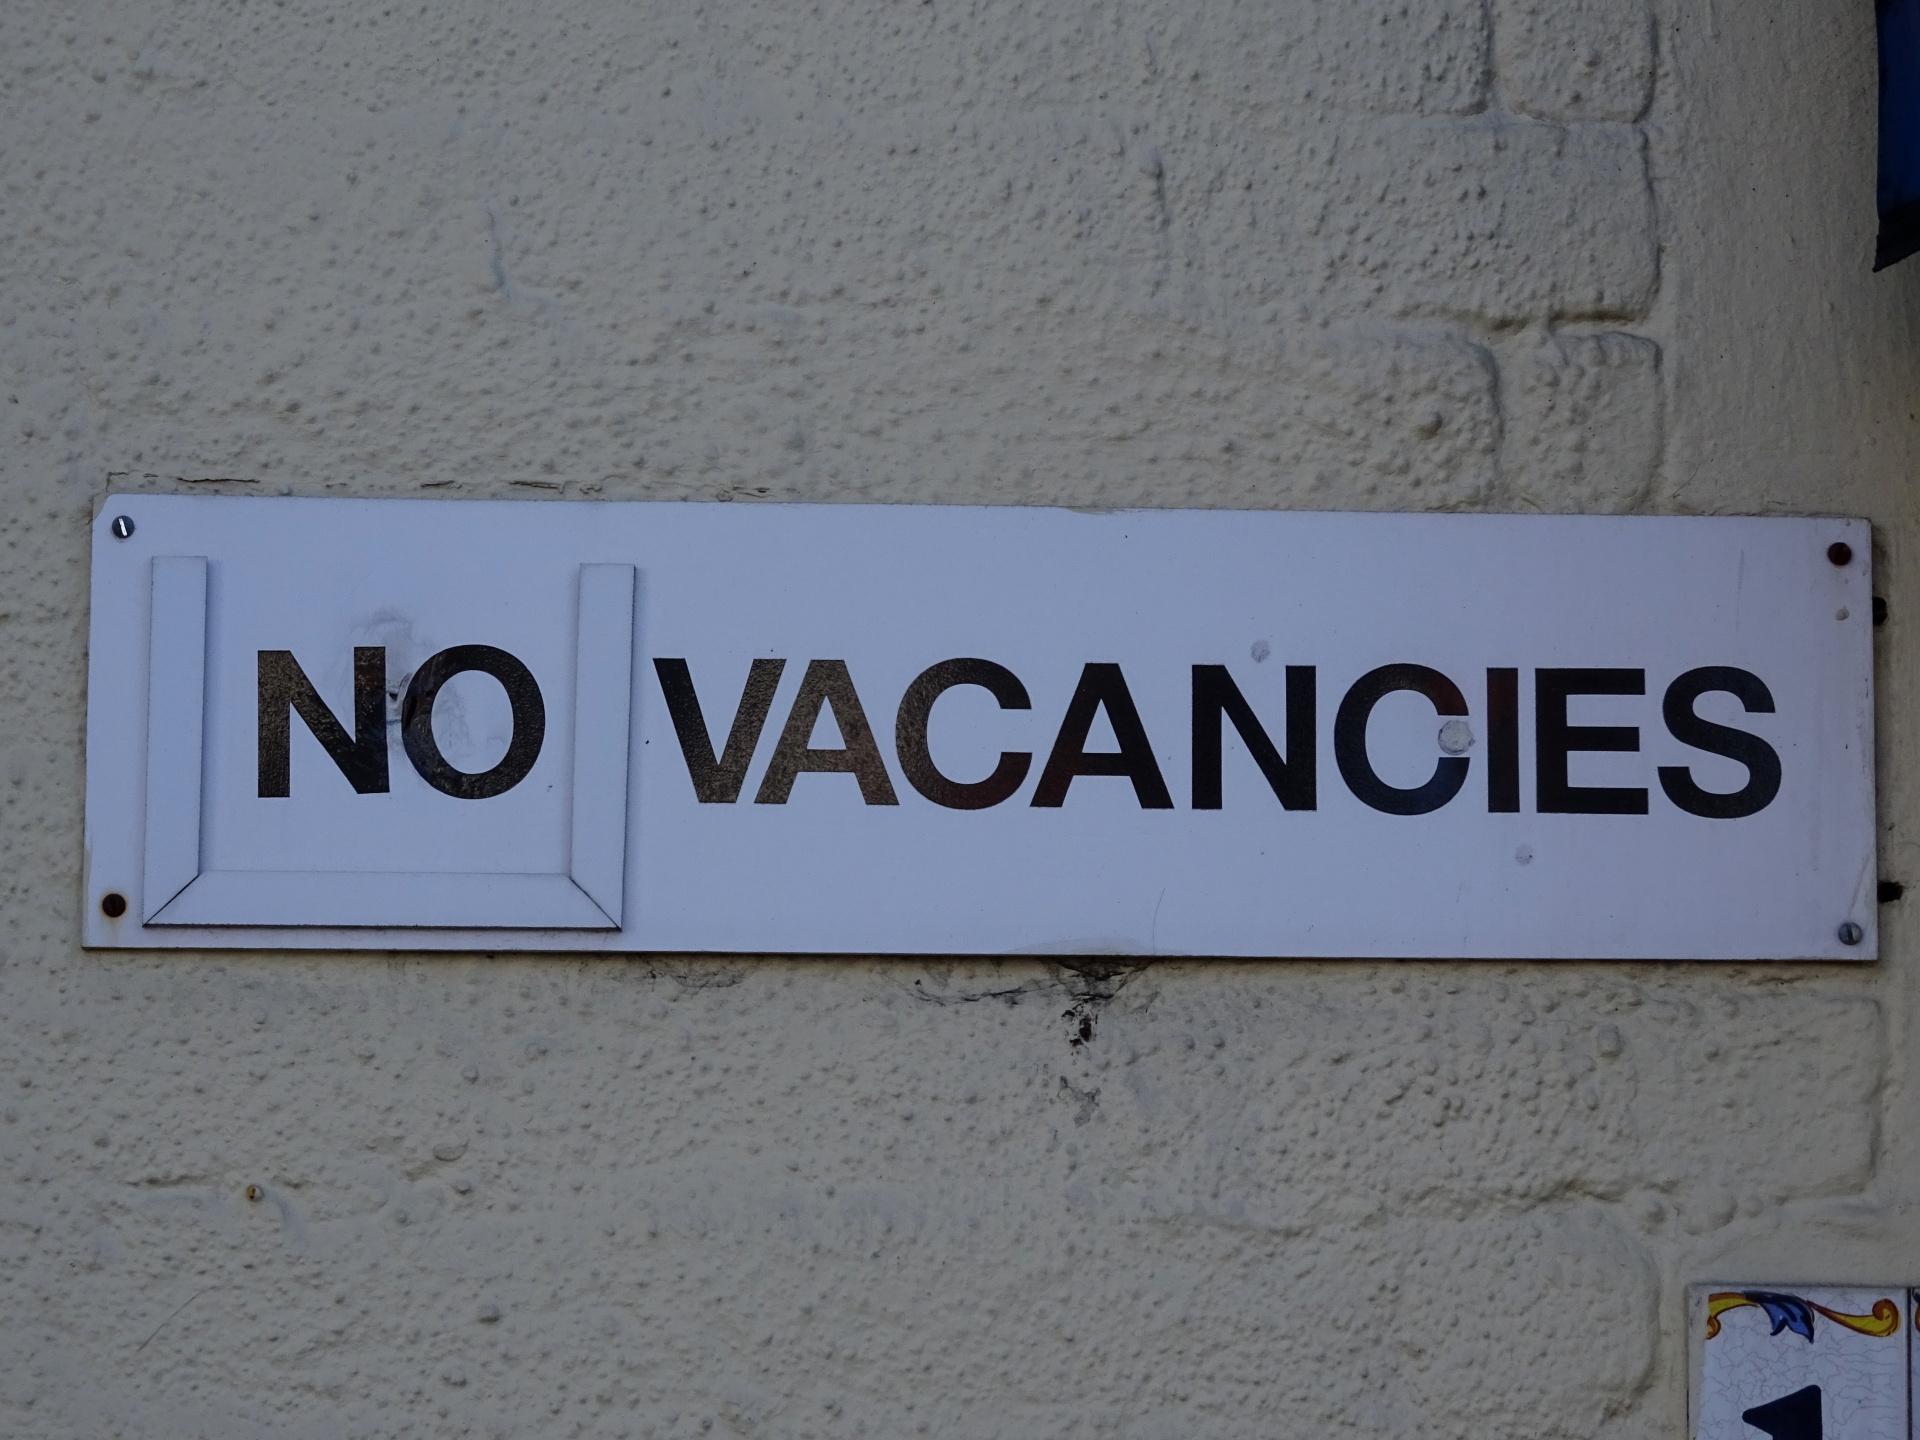 hotel-no-vacancies-notice.jpg